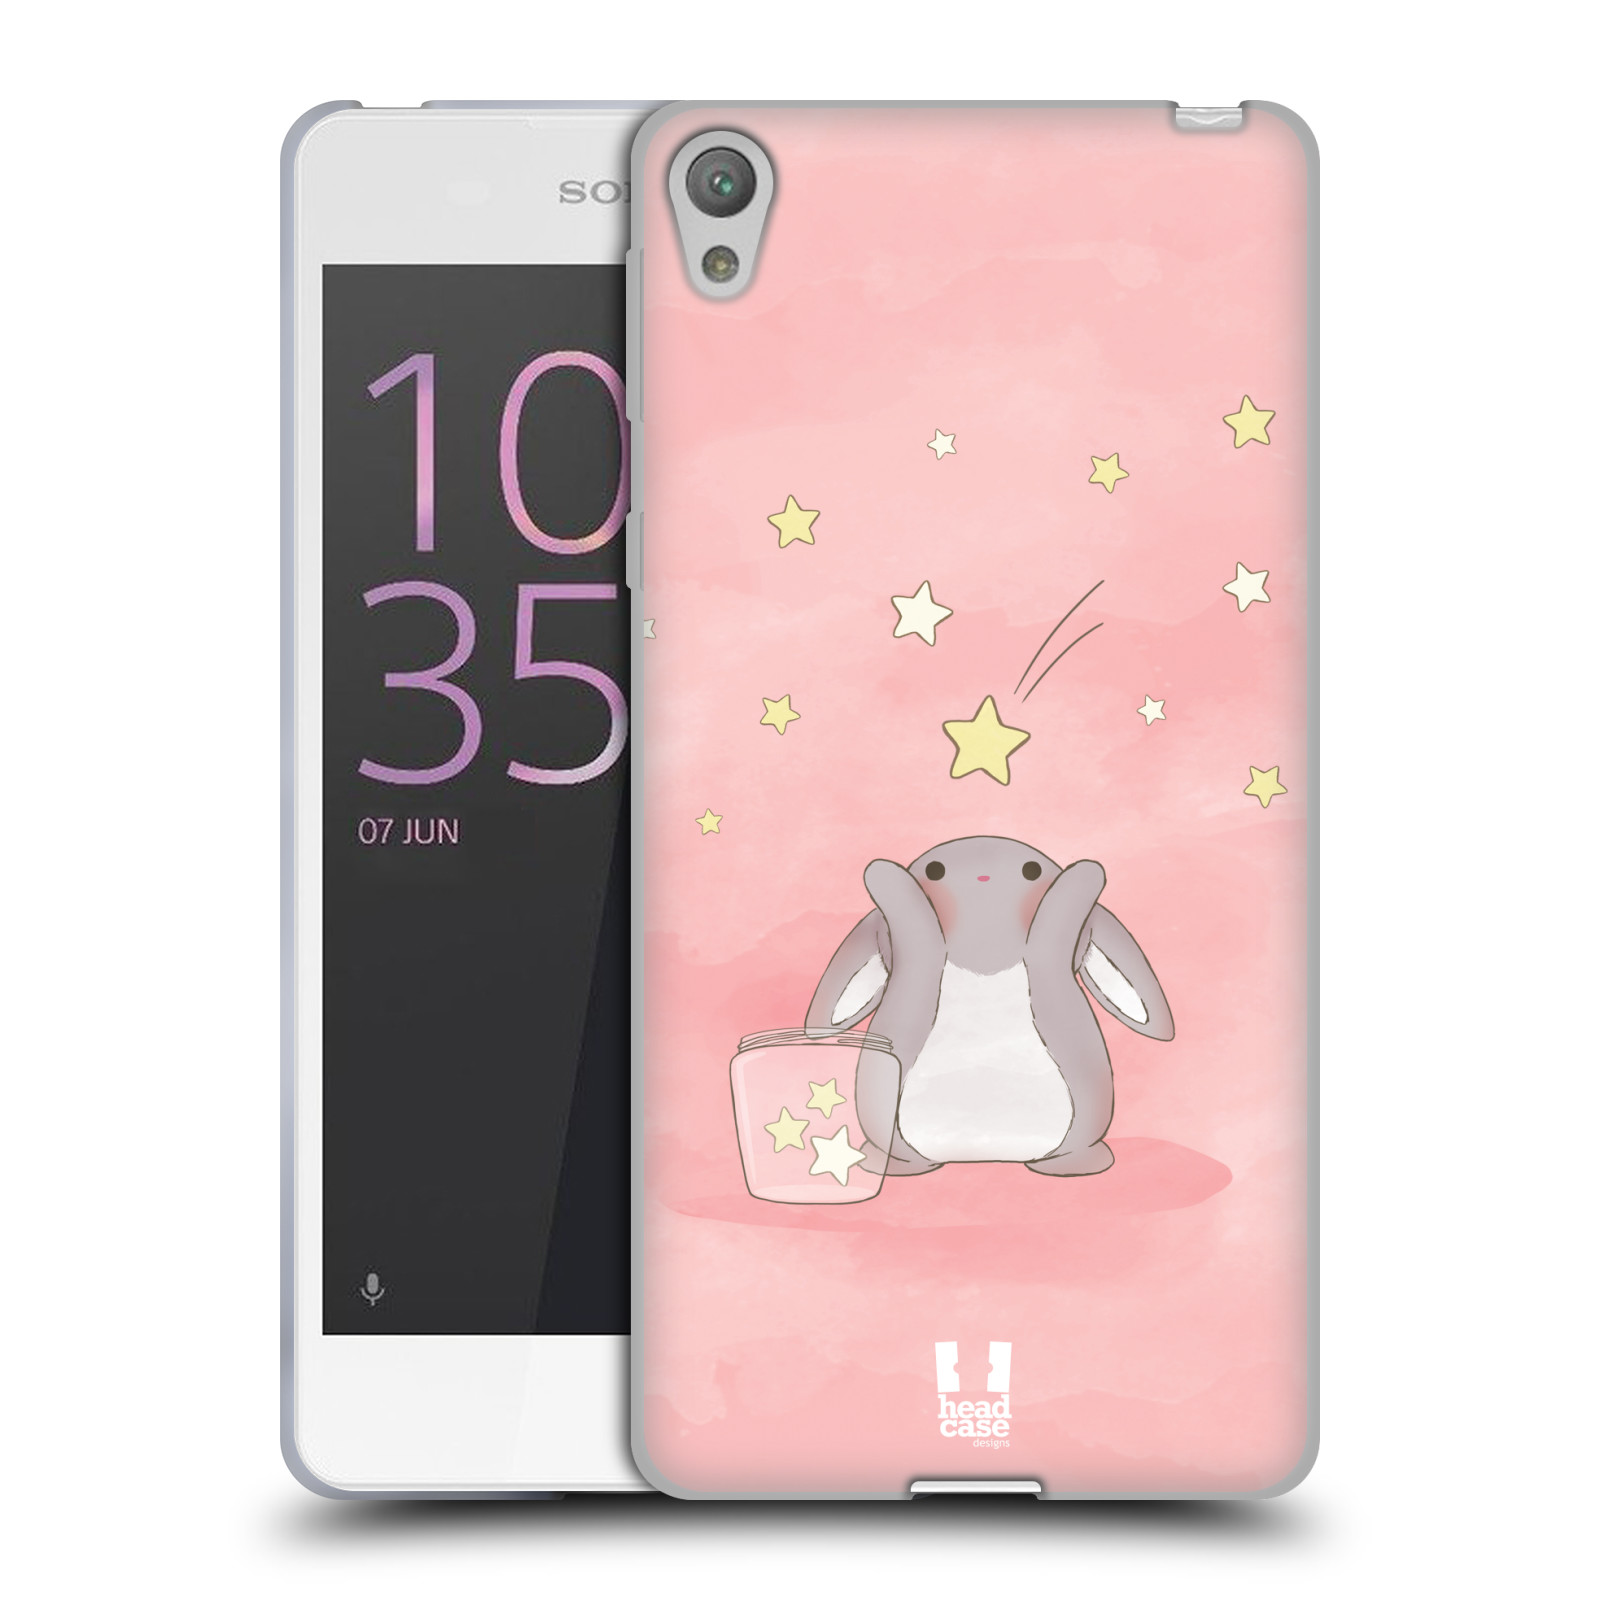 HEAD CASE silikonový obal na mobil SONY XPERIA E5 vzor králíček a hvězdy růžová